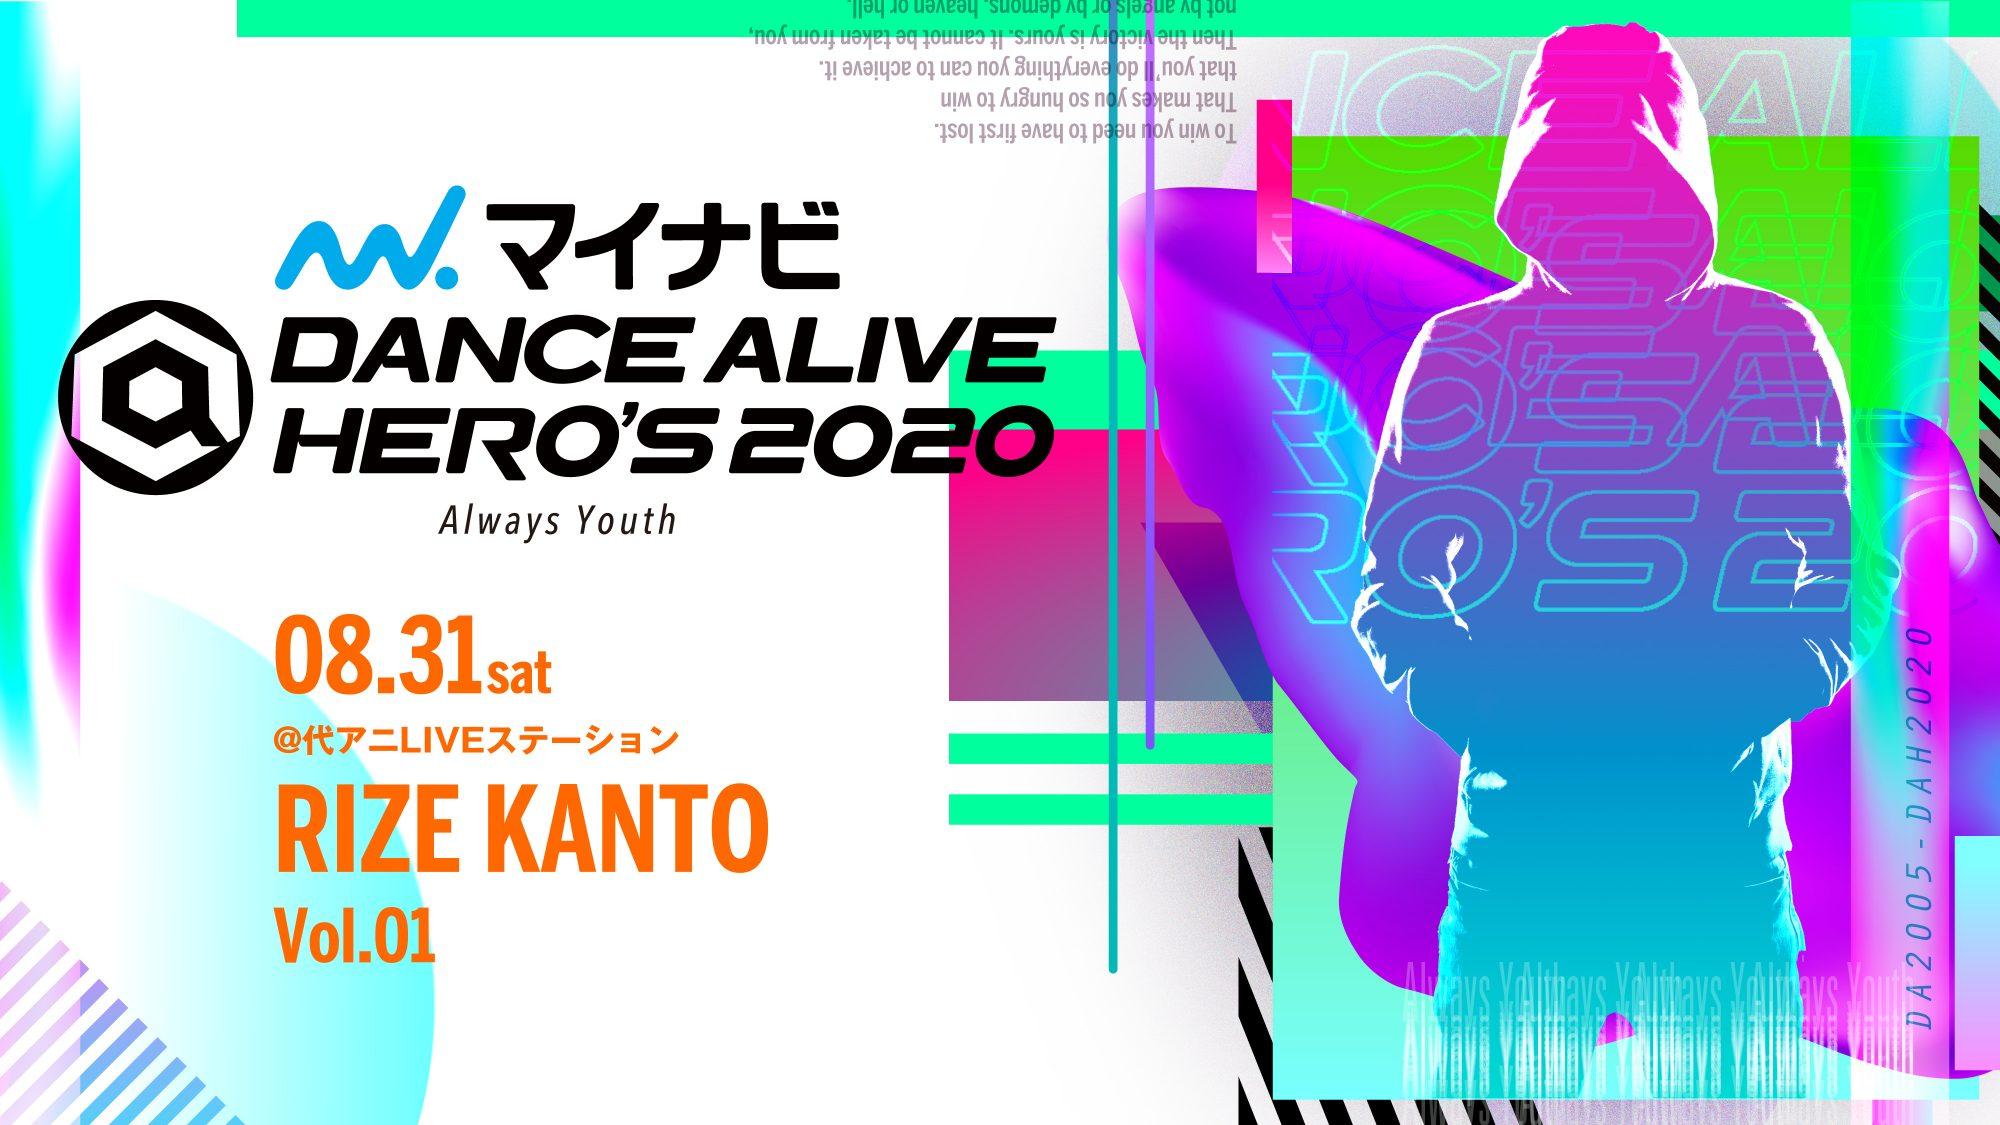 RIZE KANTO vol.1のエントリーが開始されました